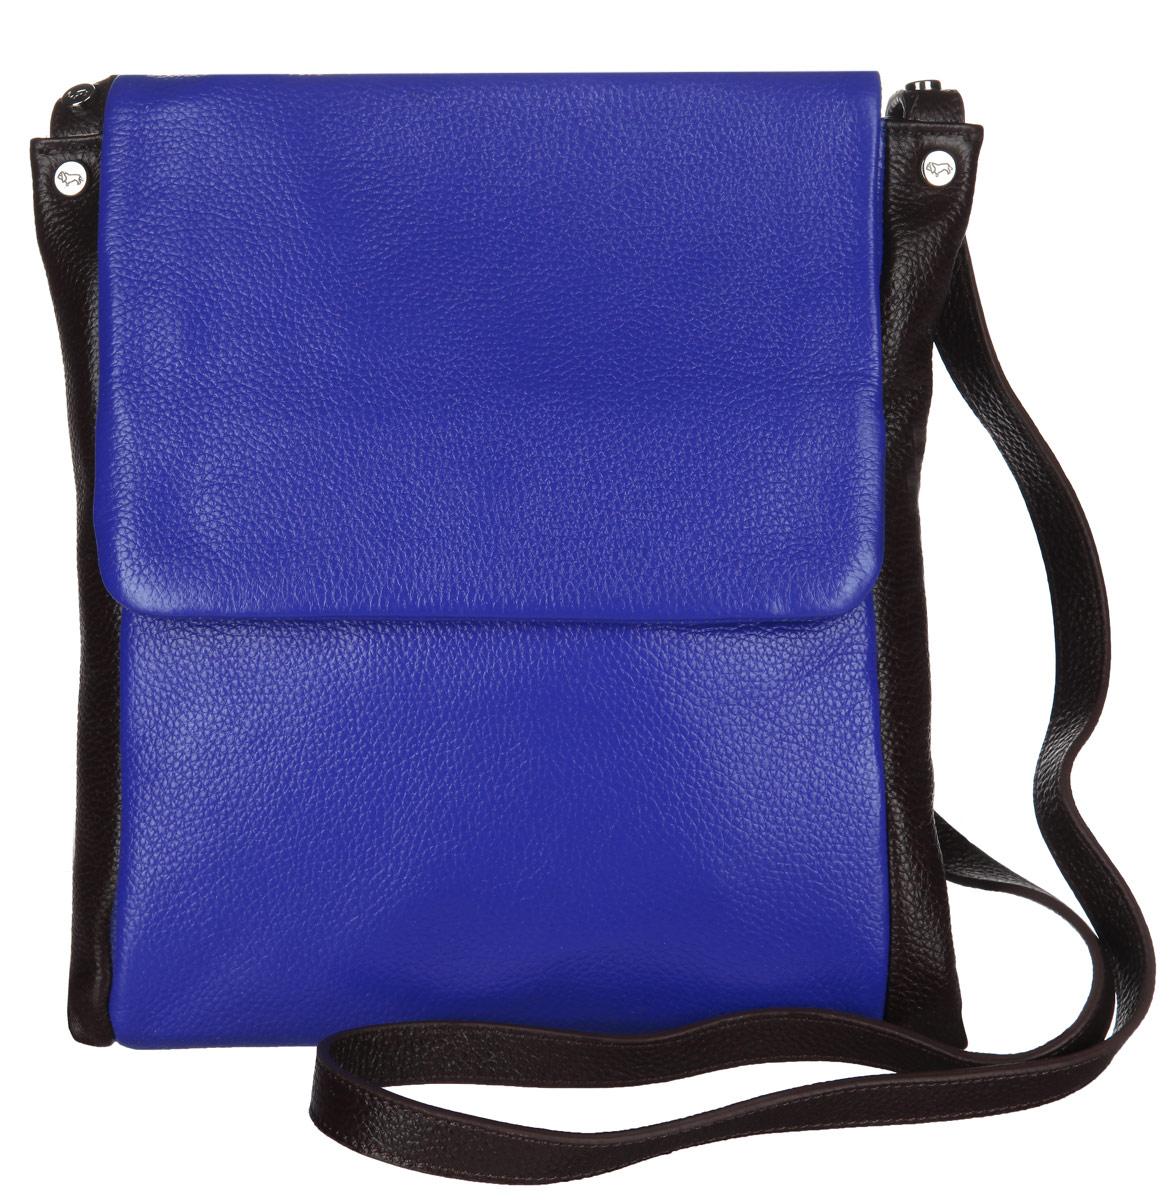 Сумка женская Labbra, цвет: синий, темно-коричневый. L-DL90239S76245Стильная сумка Labbra изготовлена из натуральной кожи с зернистой фактурой, оформлена металлической фурнитурой с символикой бренда.Изделие содержит одно отделение, которое закрывается клапаном на магнитную кнопку. Внутри изделия расположены два накладных кармашка для мелочей и врезной карман на молнии. Задняя сторона сумки дополнена врезным карманом на молнии. Изделие оснащено практичным плечевым ремнем регулируемой длины.Оригинальный аксессуар позволит вам завершить образ и быть неотразимой.